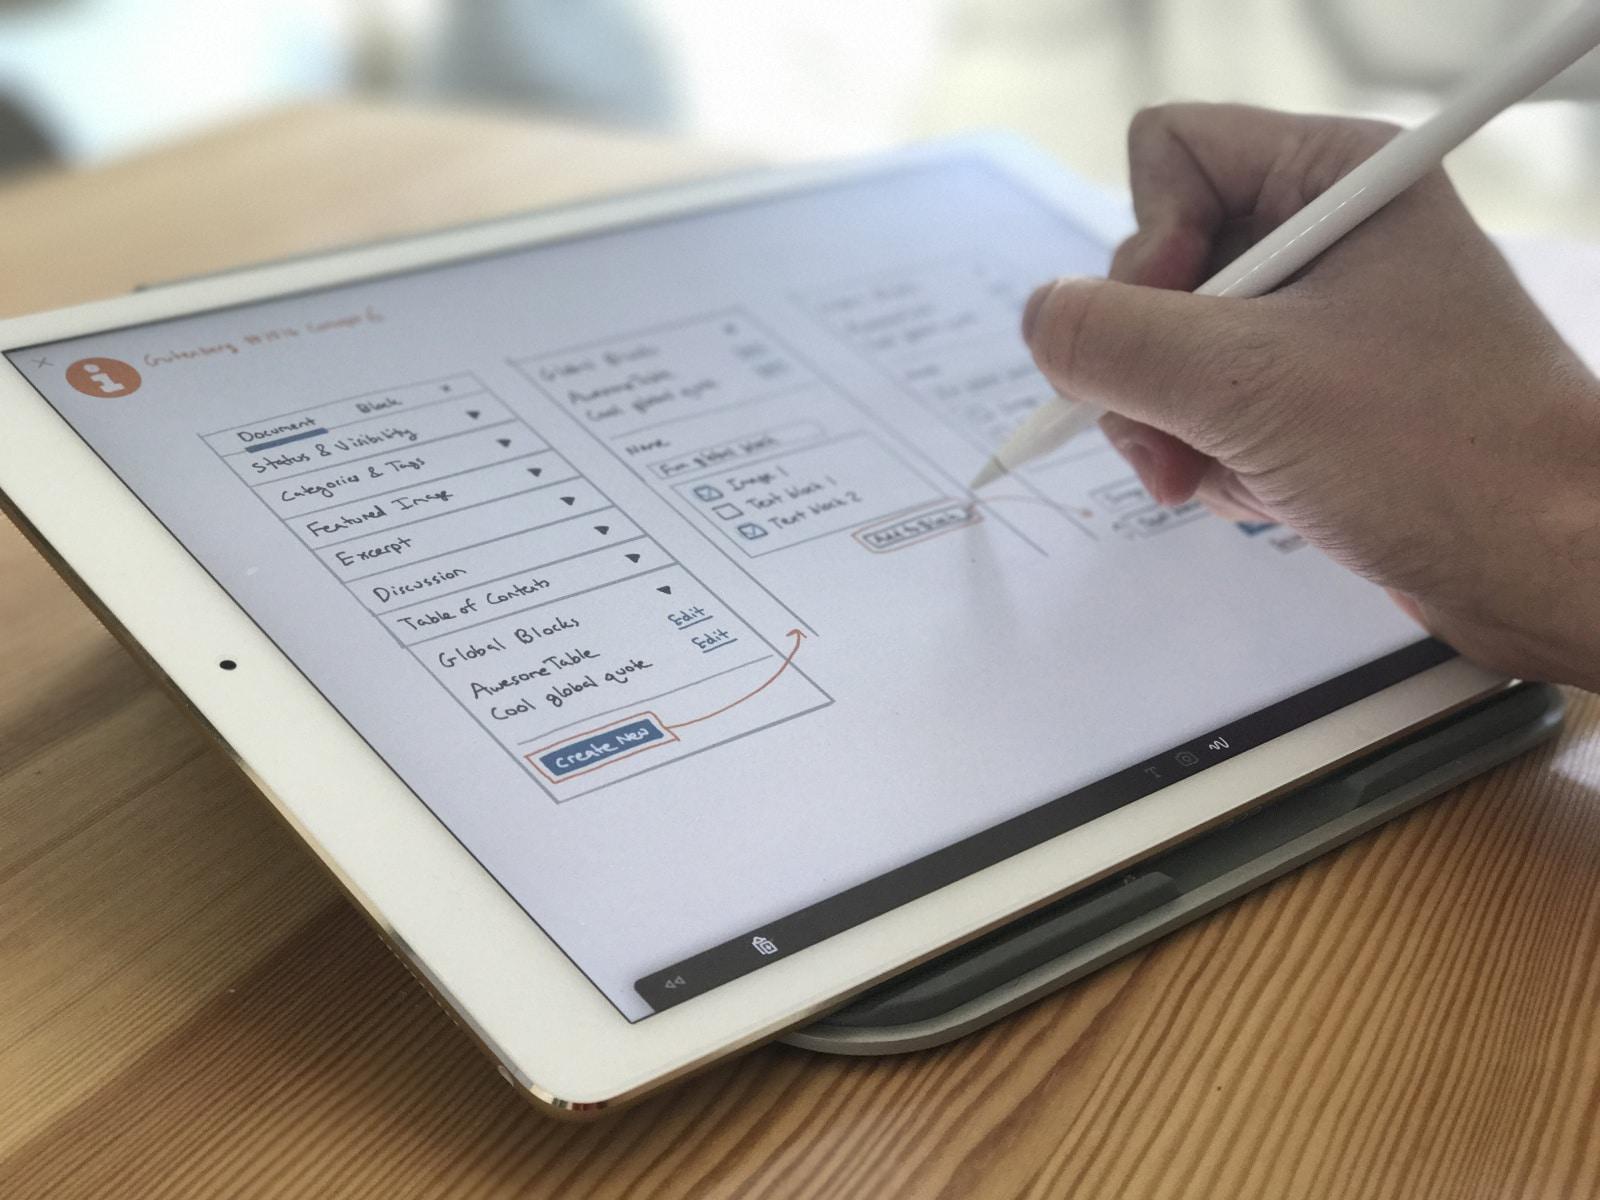 Ценность быстрого визуального сторителлинга для дизайнеров